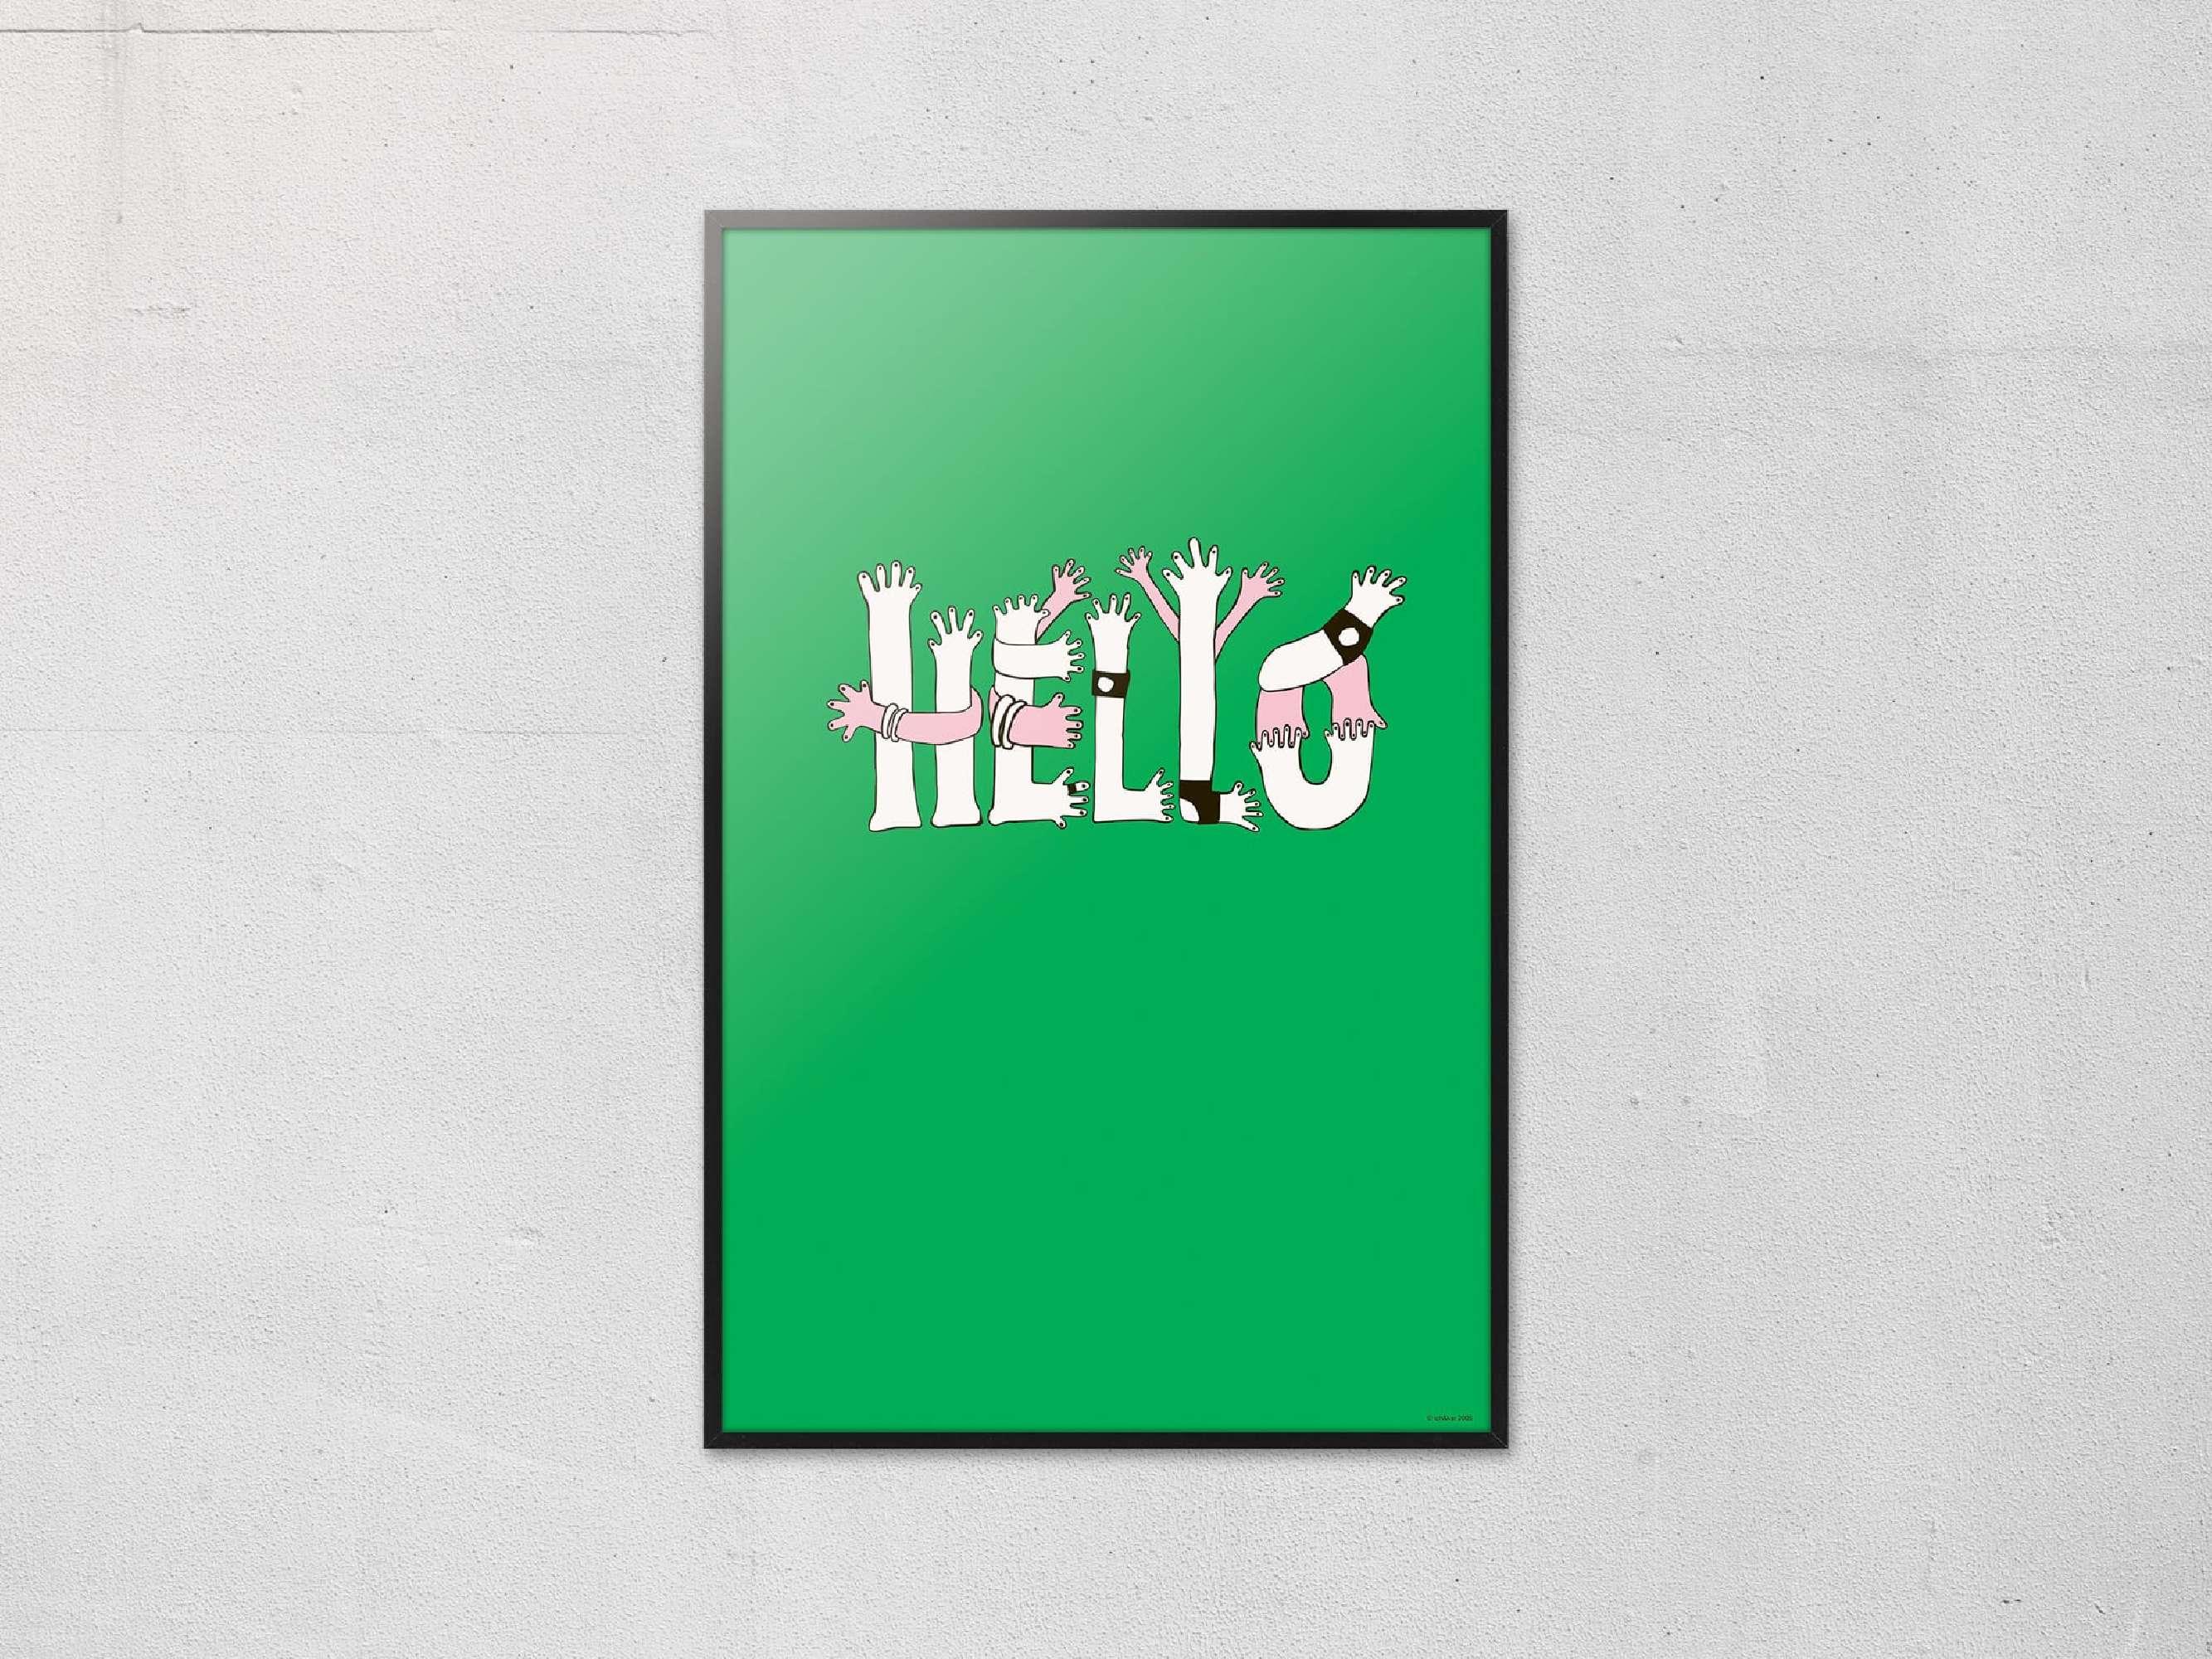 Le poster Hello, dessiné pour la première fois pour le Teknikart Japon